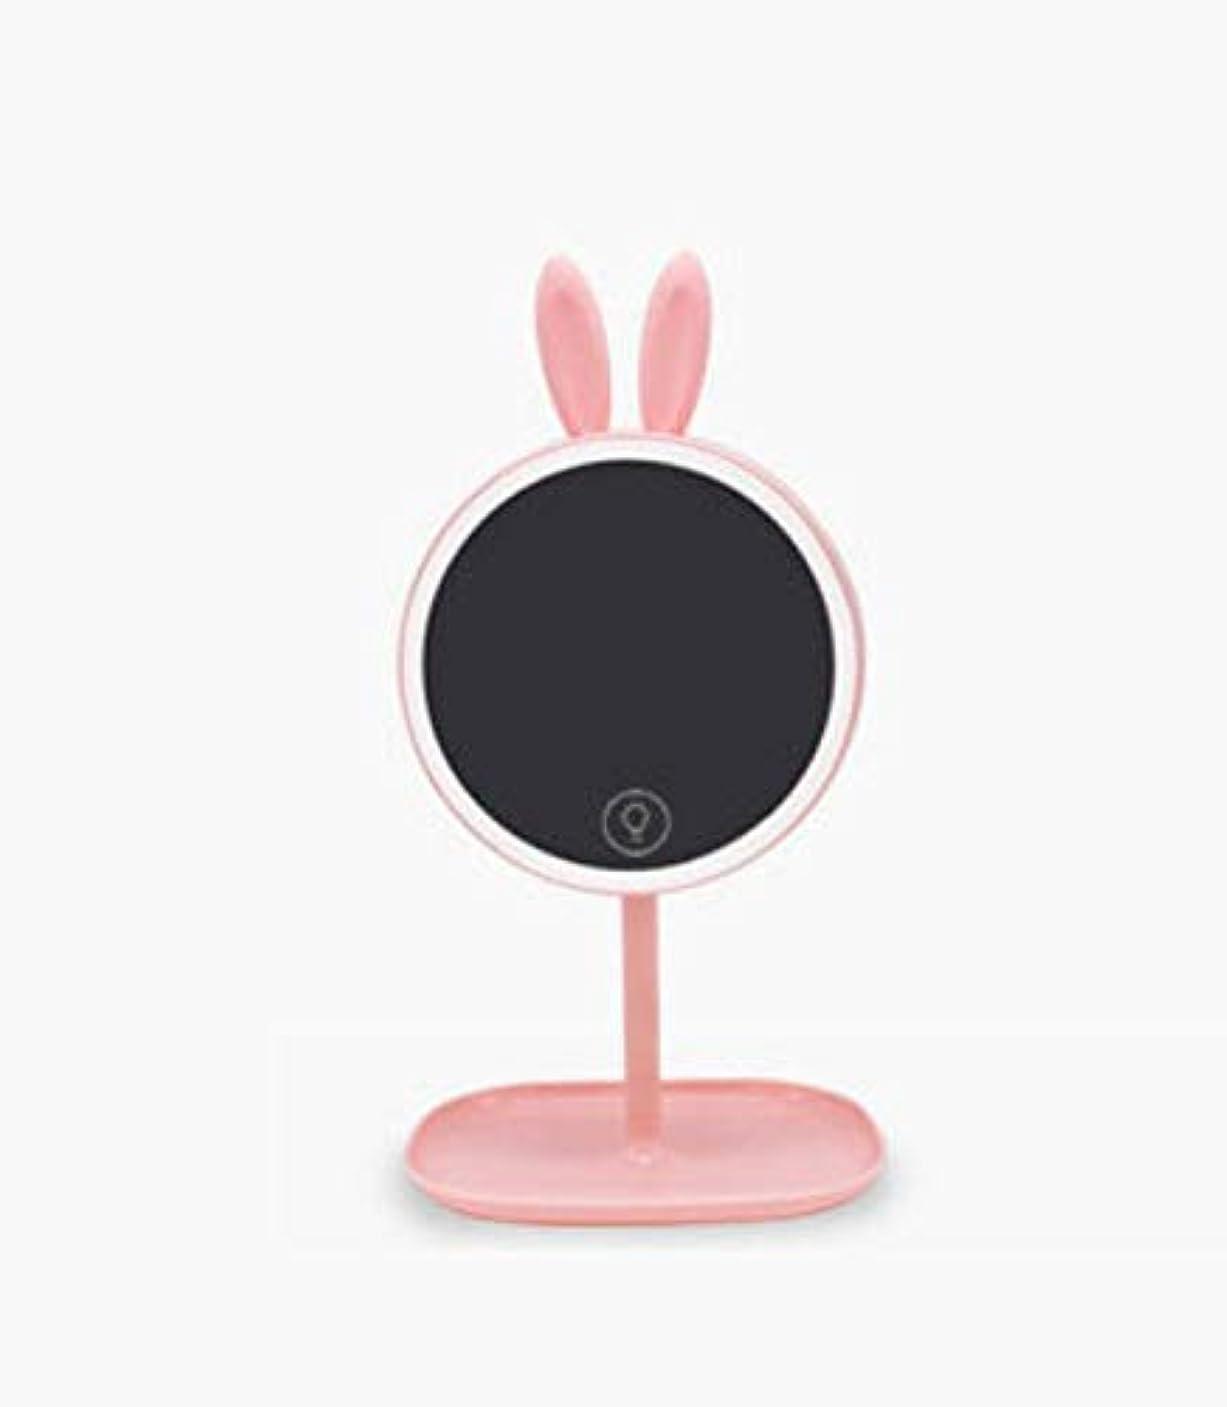 壮大マニアック護衛化粧鏡、かわいい軽い耳の化粧鏡テーブルランプ付きLedライト化粧ギフト (Color : ピンク)